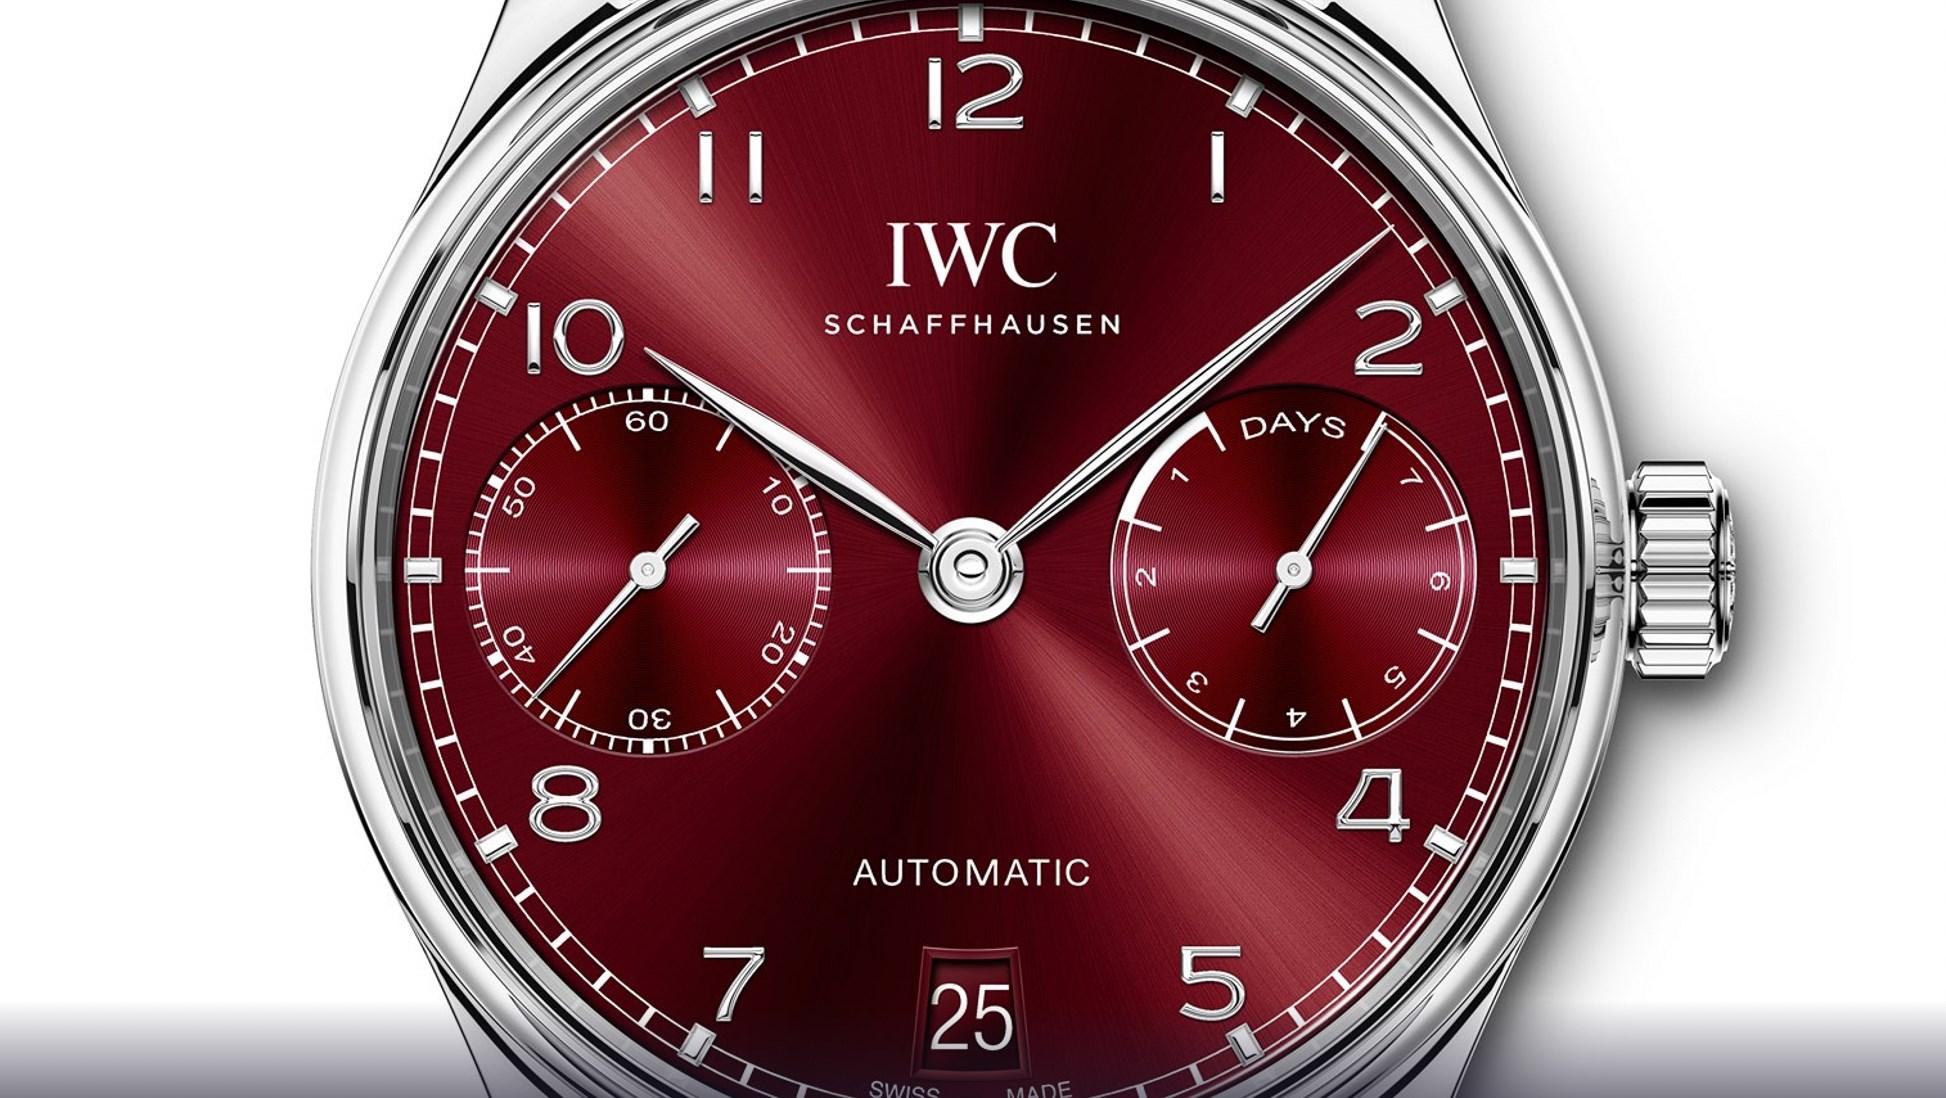 IWC Schaffhausen Portugieser - boutique edition burgundi zoom